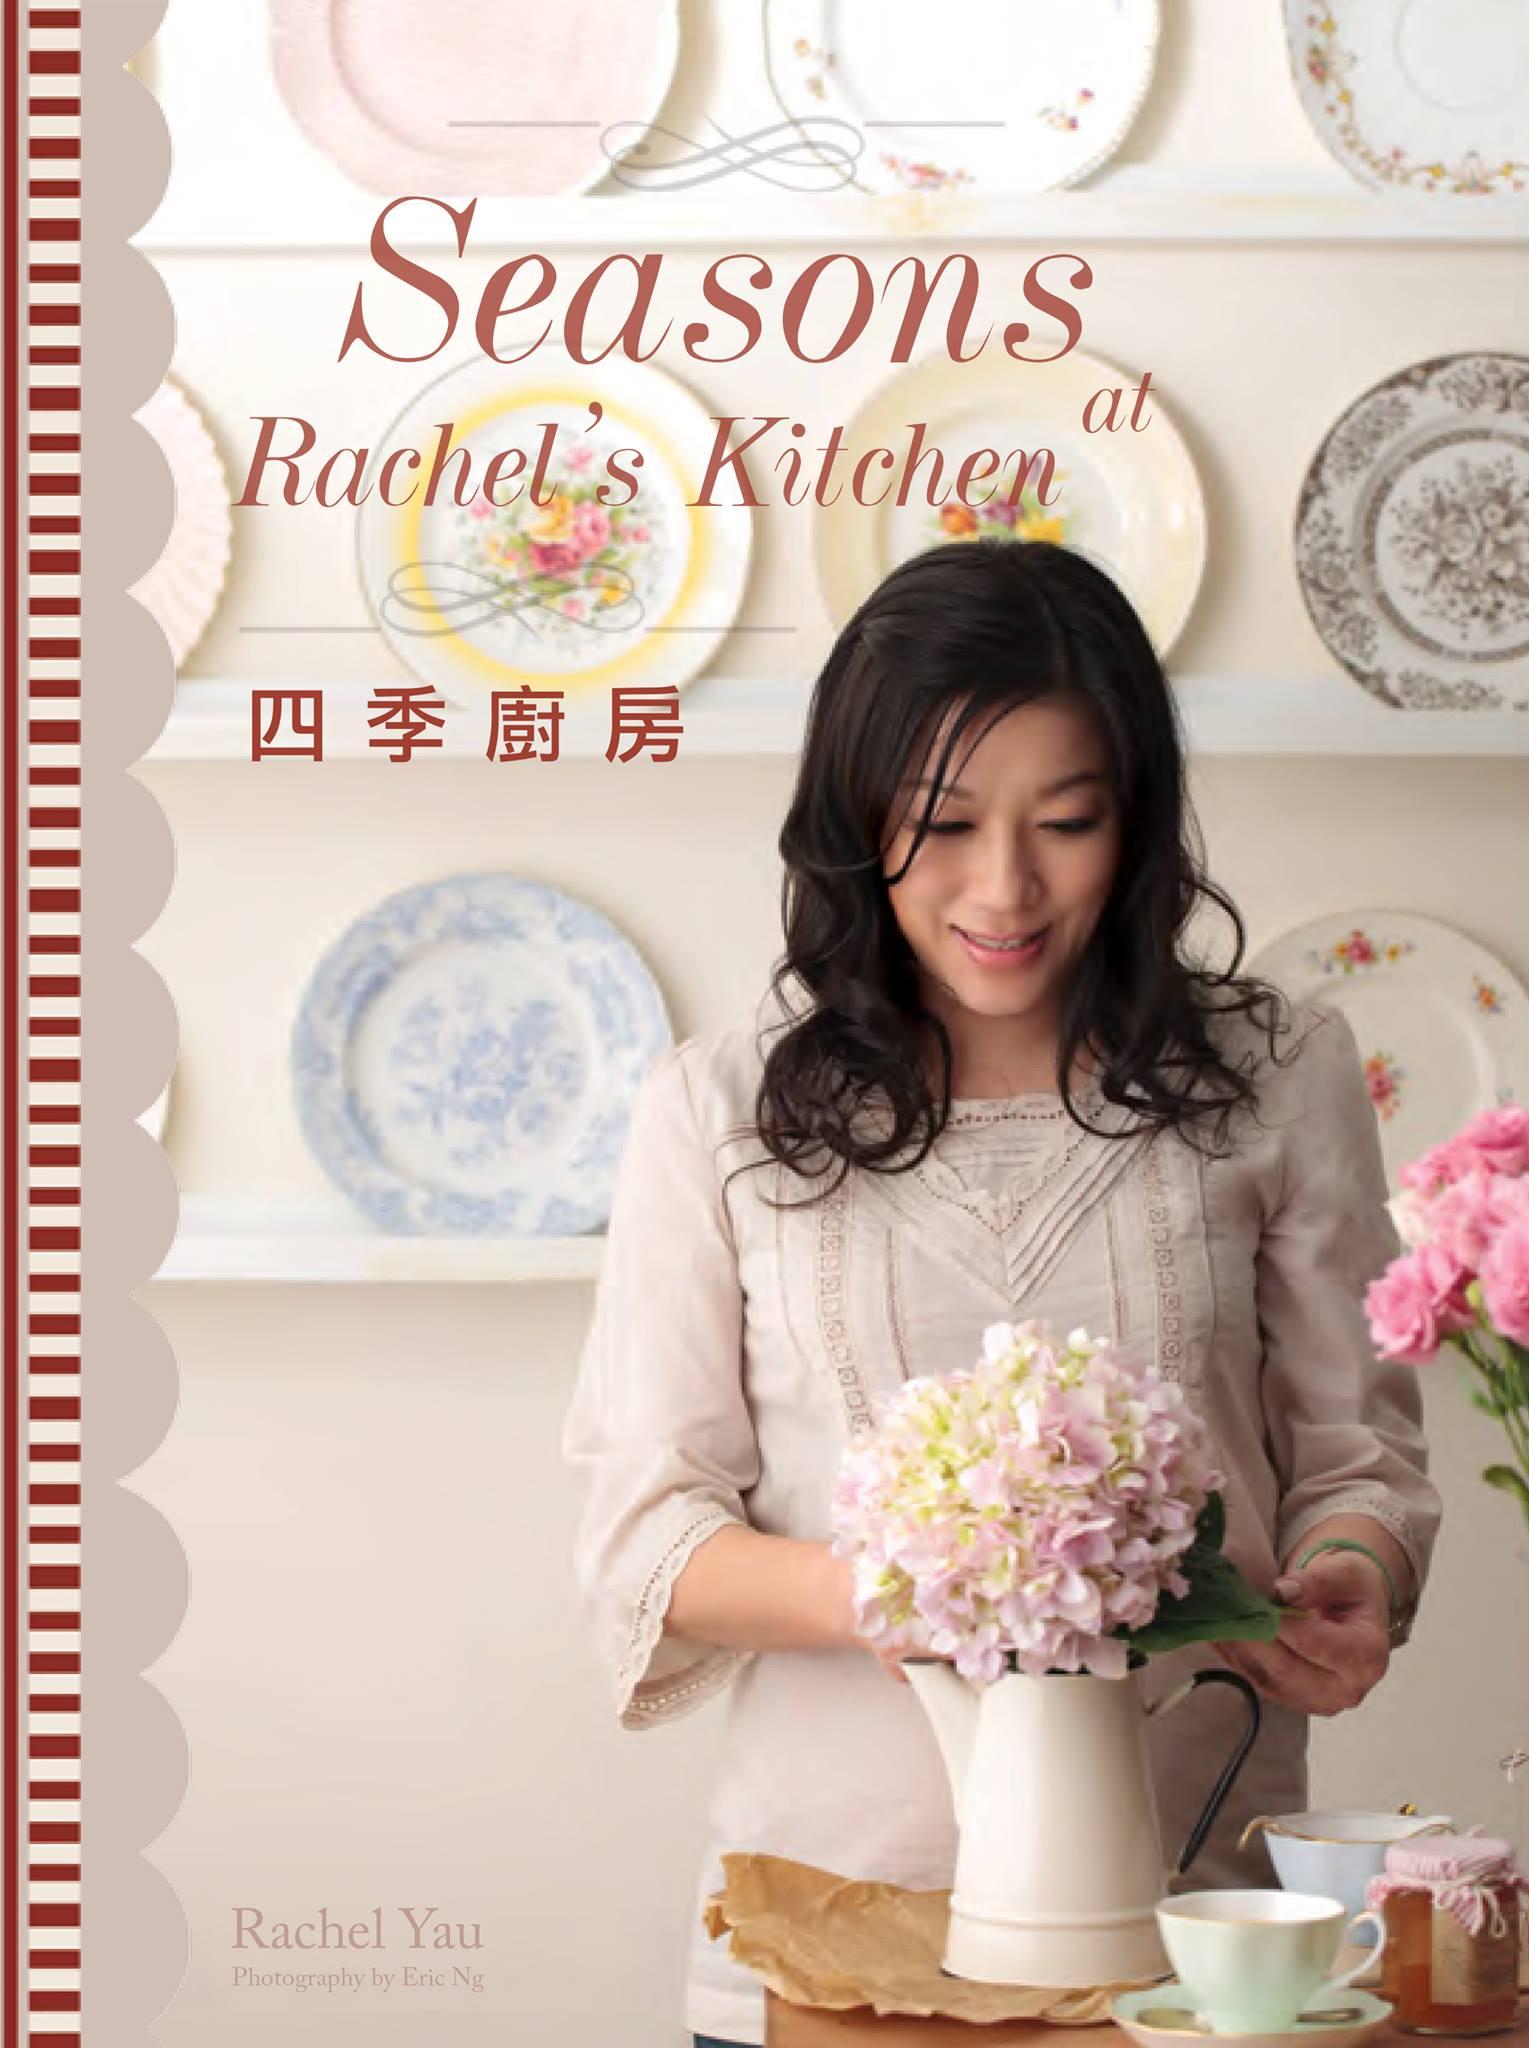 Seasons at Rachel's Kitchen